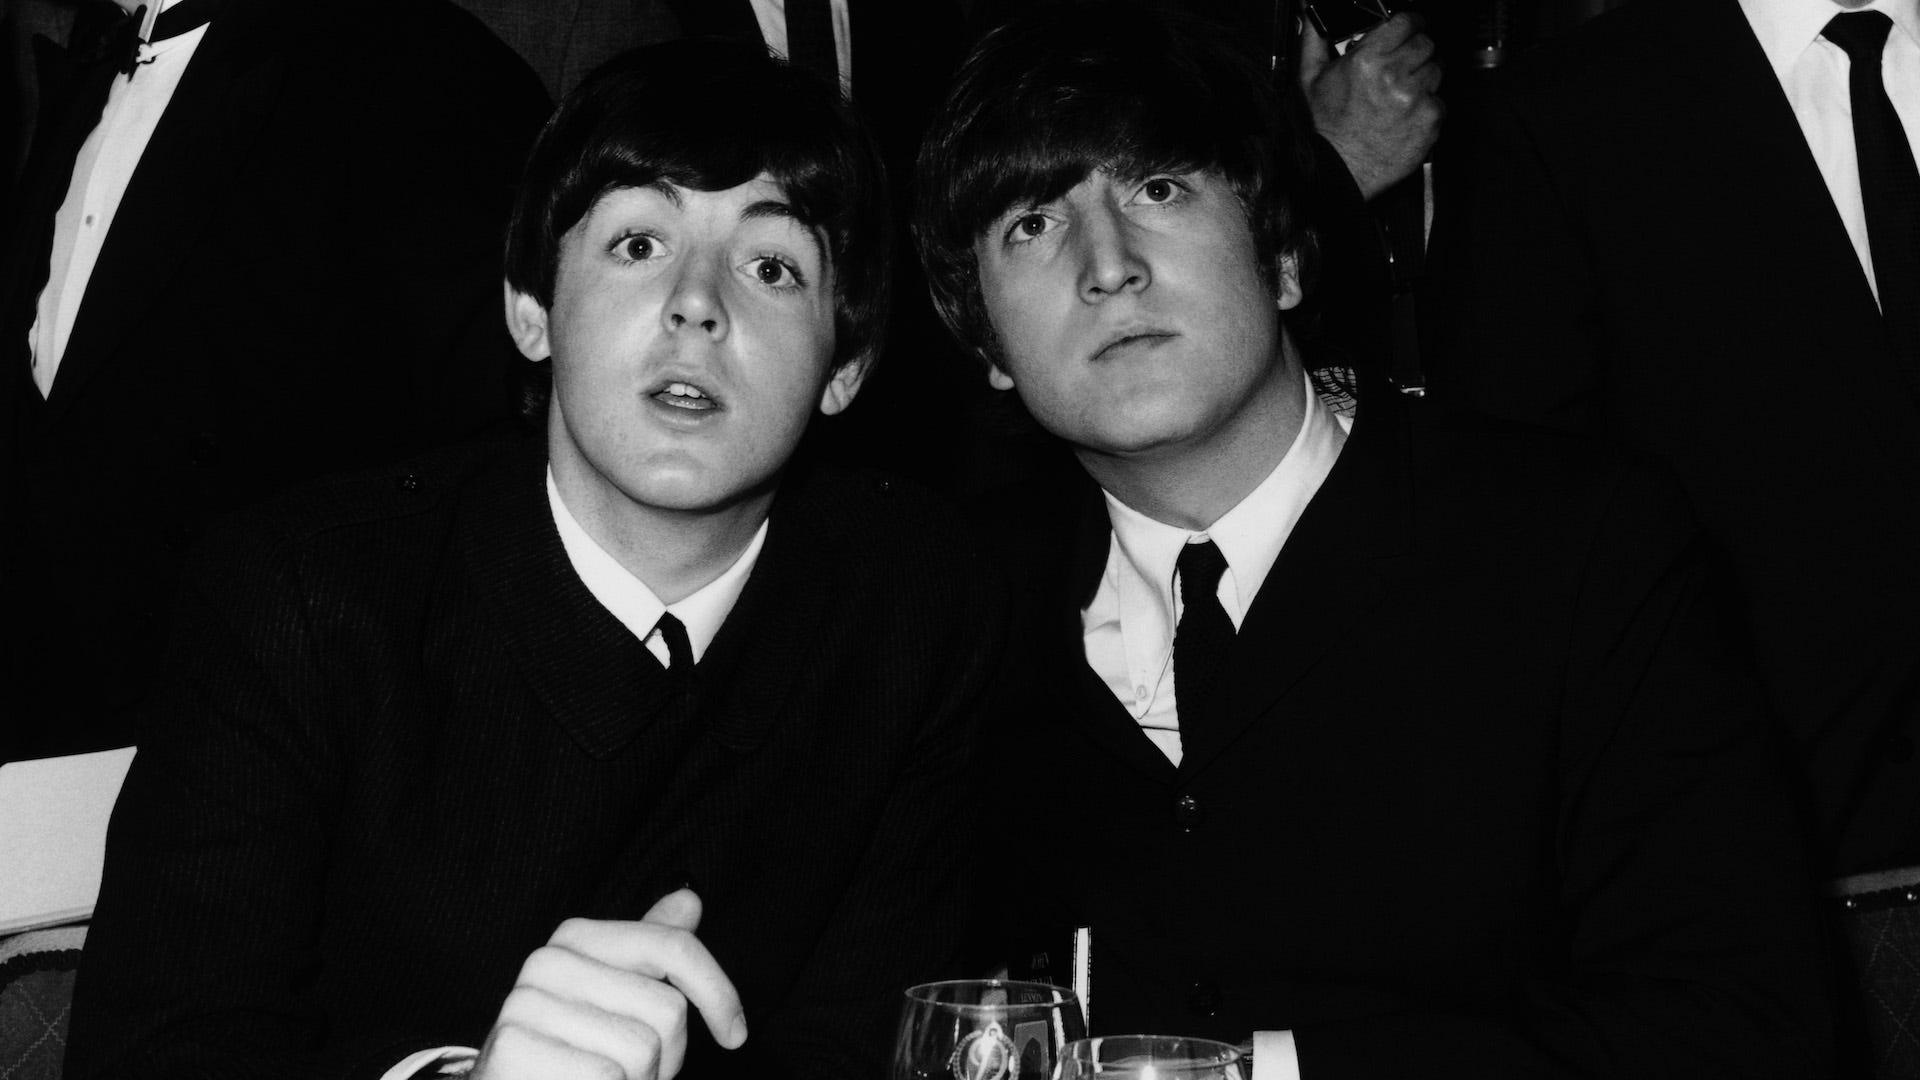 Paul McCartney shares rare photo of John Lennon in celebration of 81st birthday